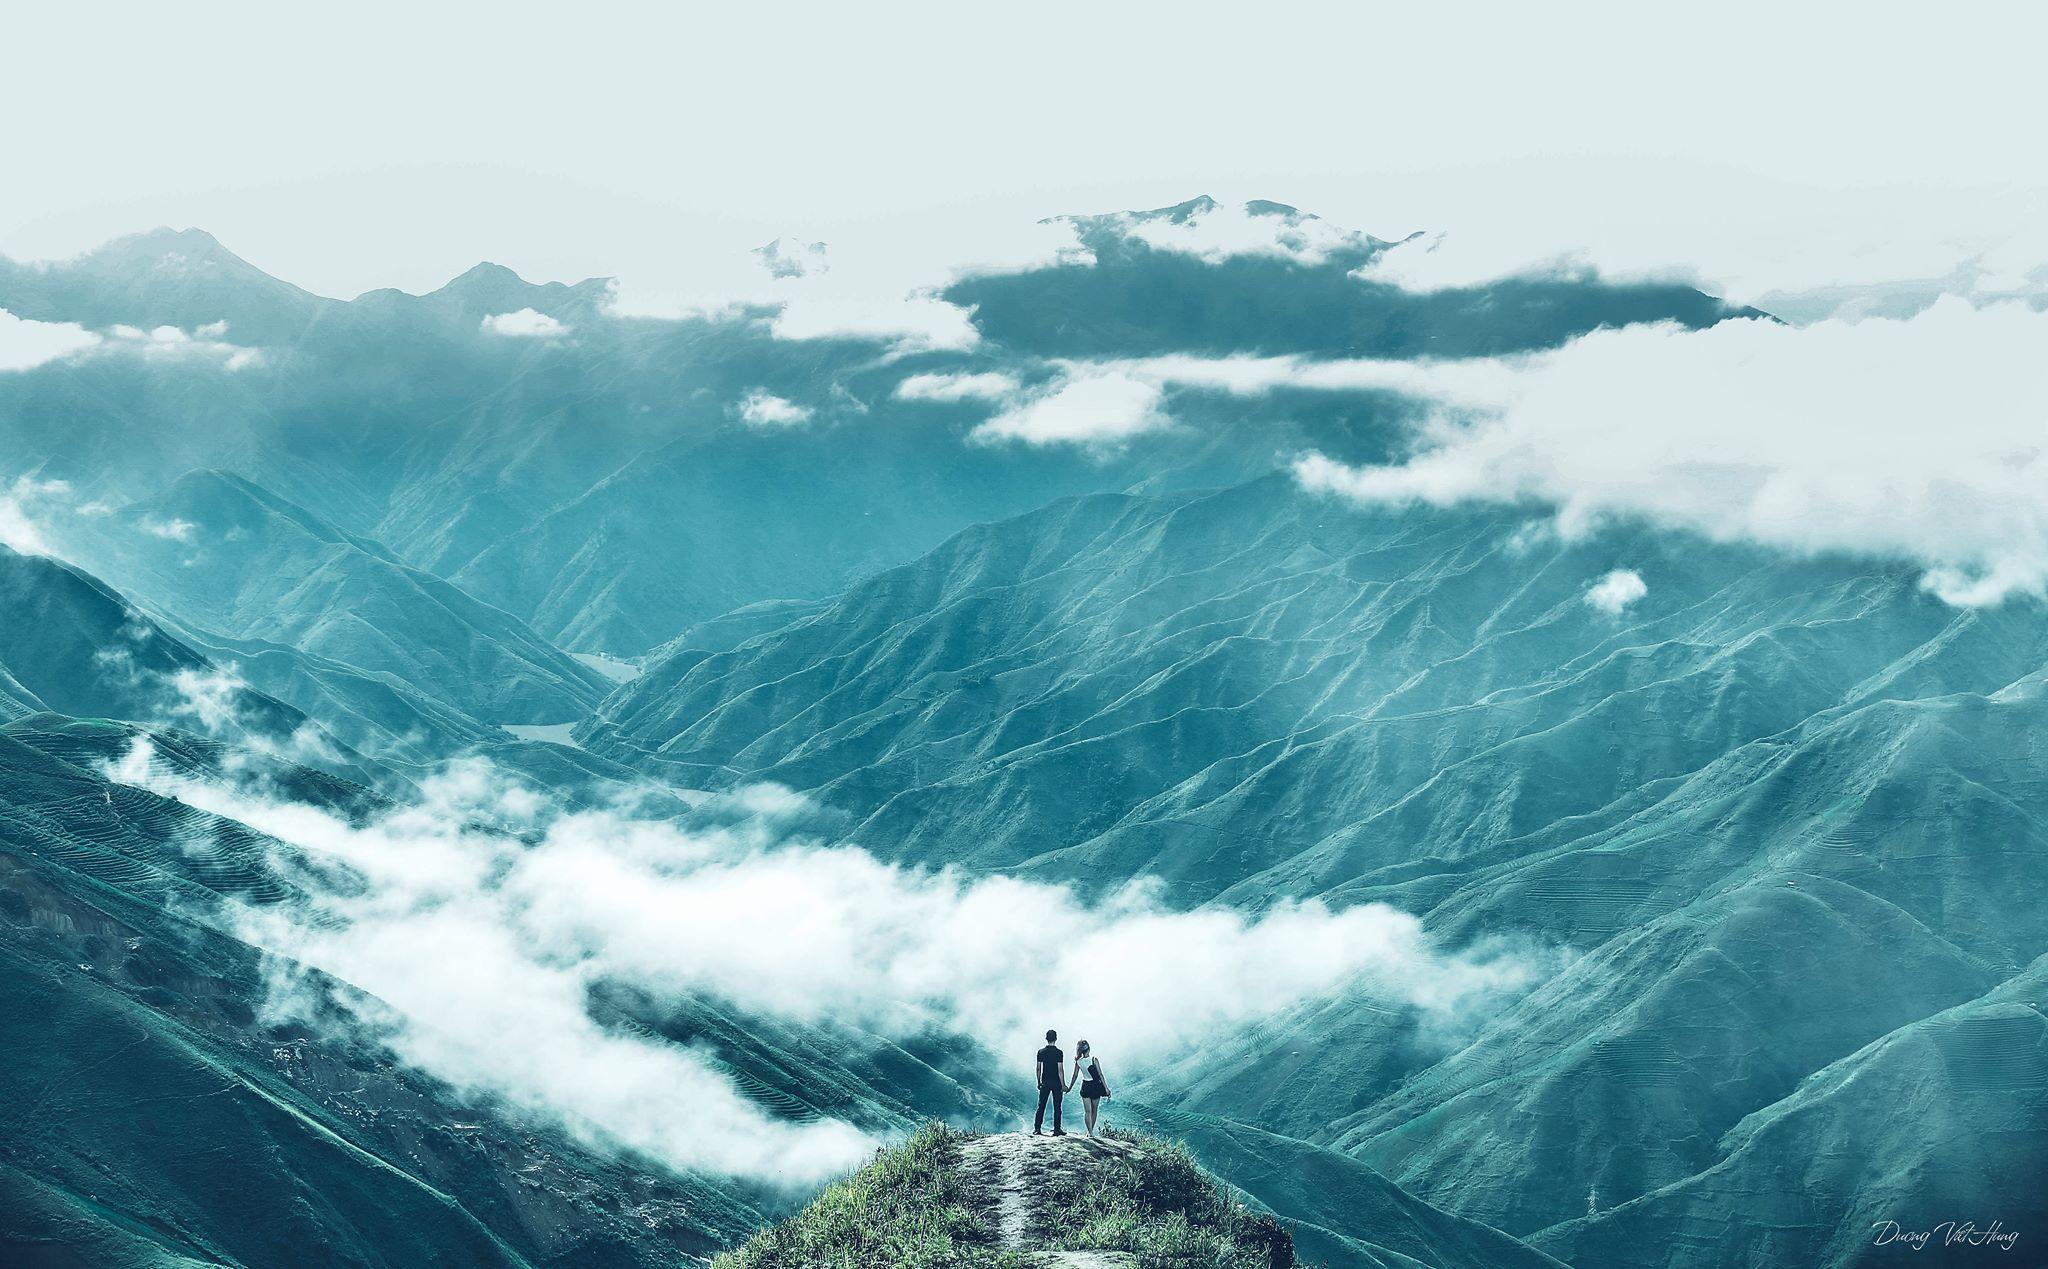 Du lịch Mộc Châu - Núi rừng Mộc Châu hoang sơ, hùng vĩ hiện lên vô cùng sống động. Ảnh: Dương Việt Hưng